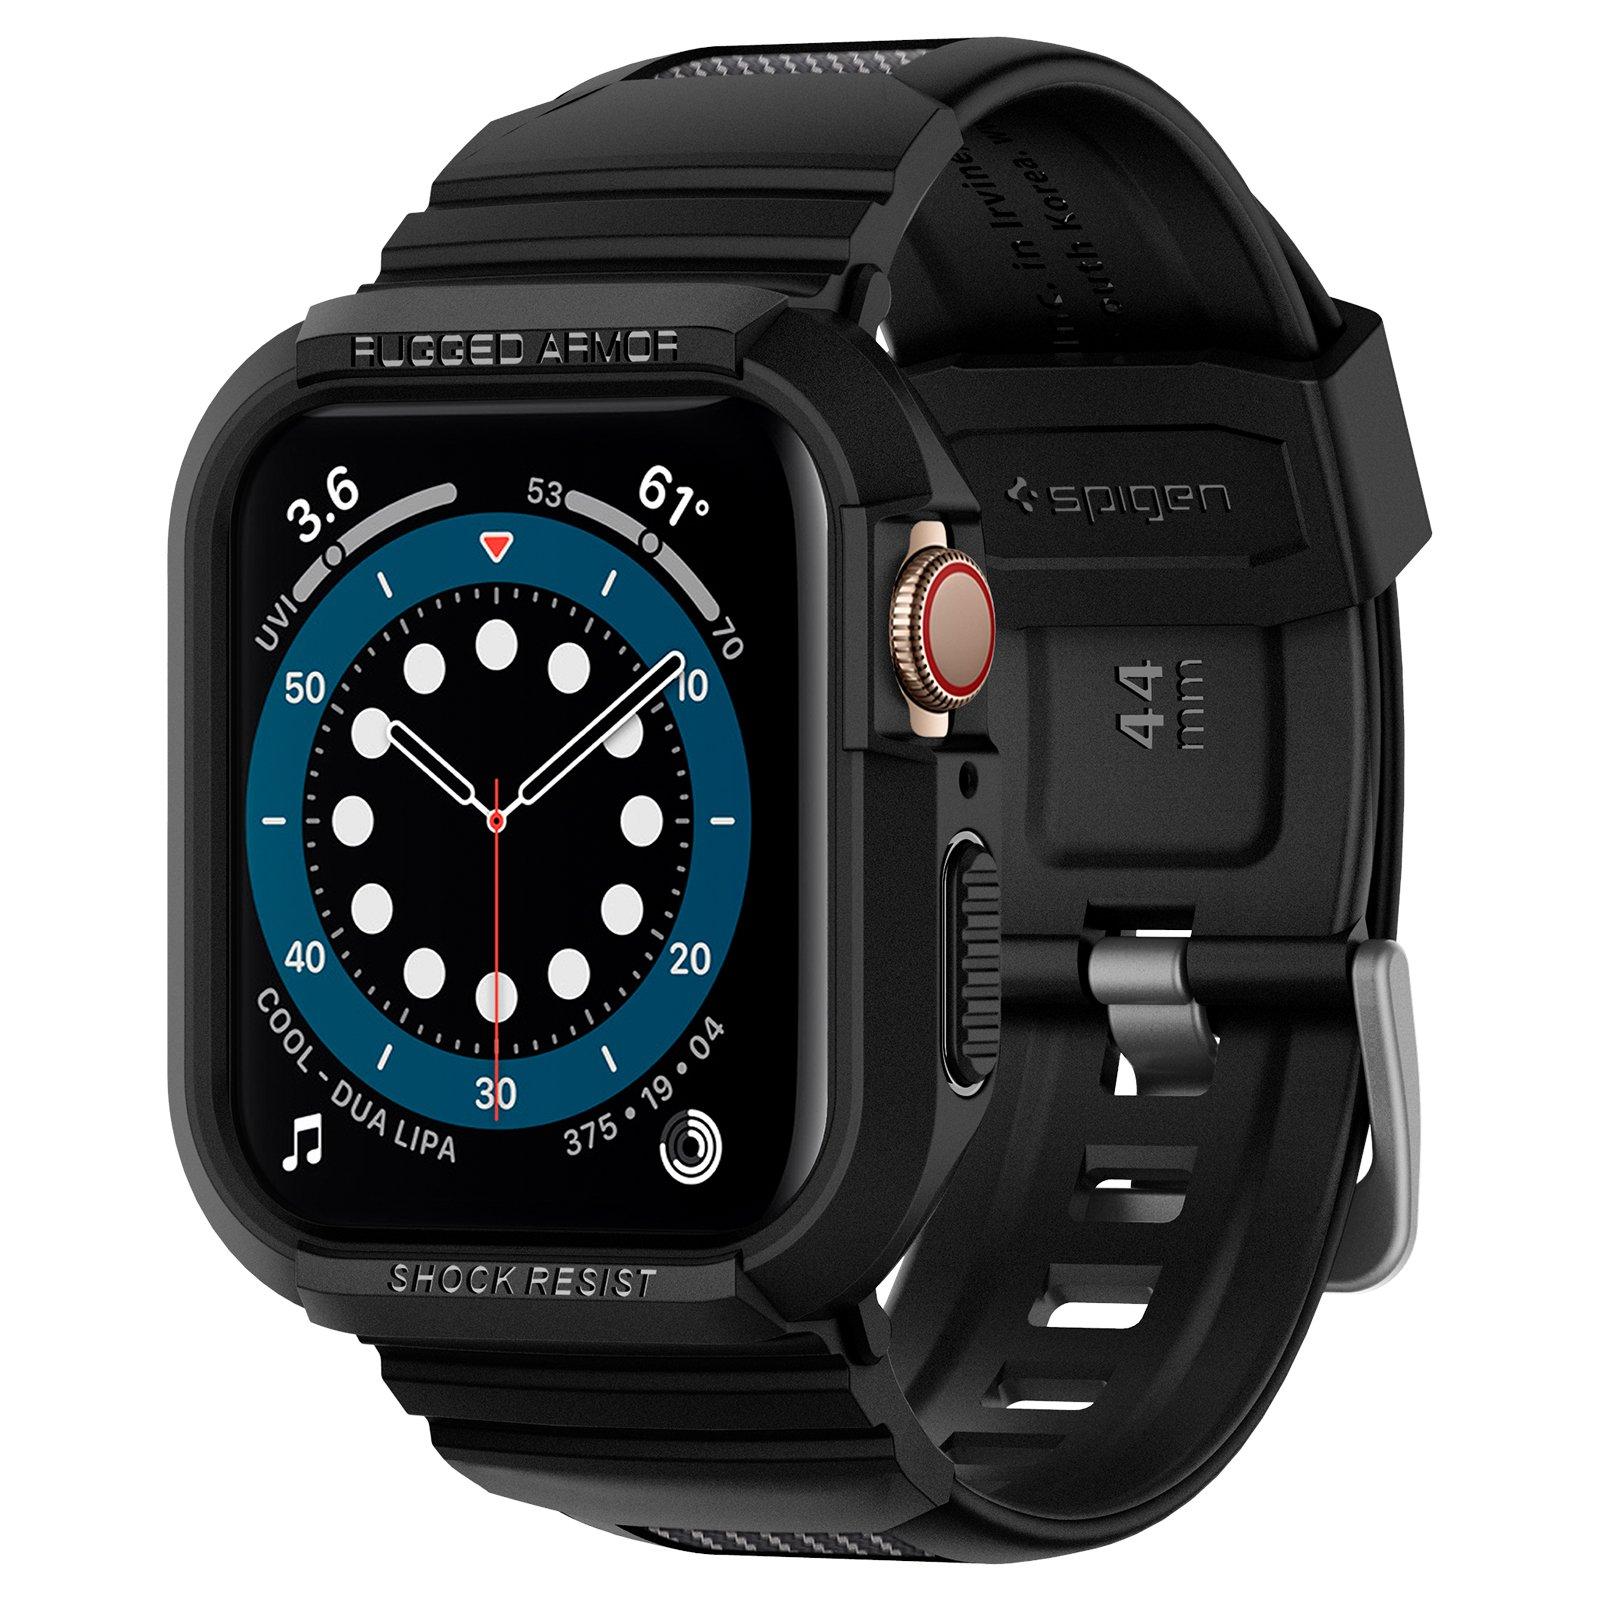 Ốp chống sốc hàng hiệu Spigen Rugged Armor Pro cho Apple Watch Series 6/ 5/ 4 - Hàng chính hãng